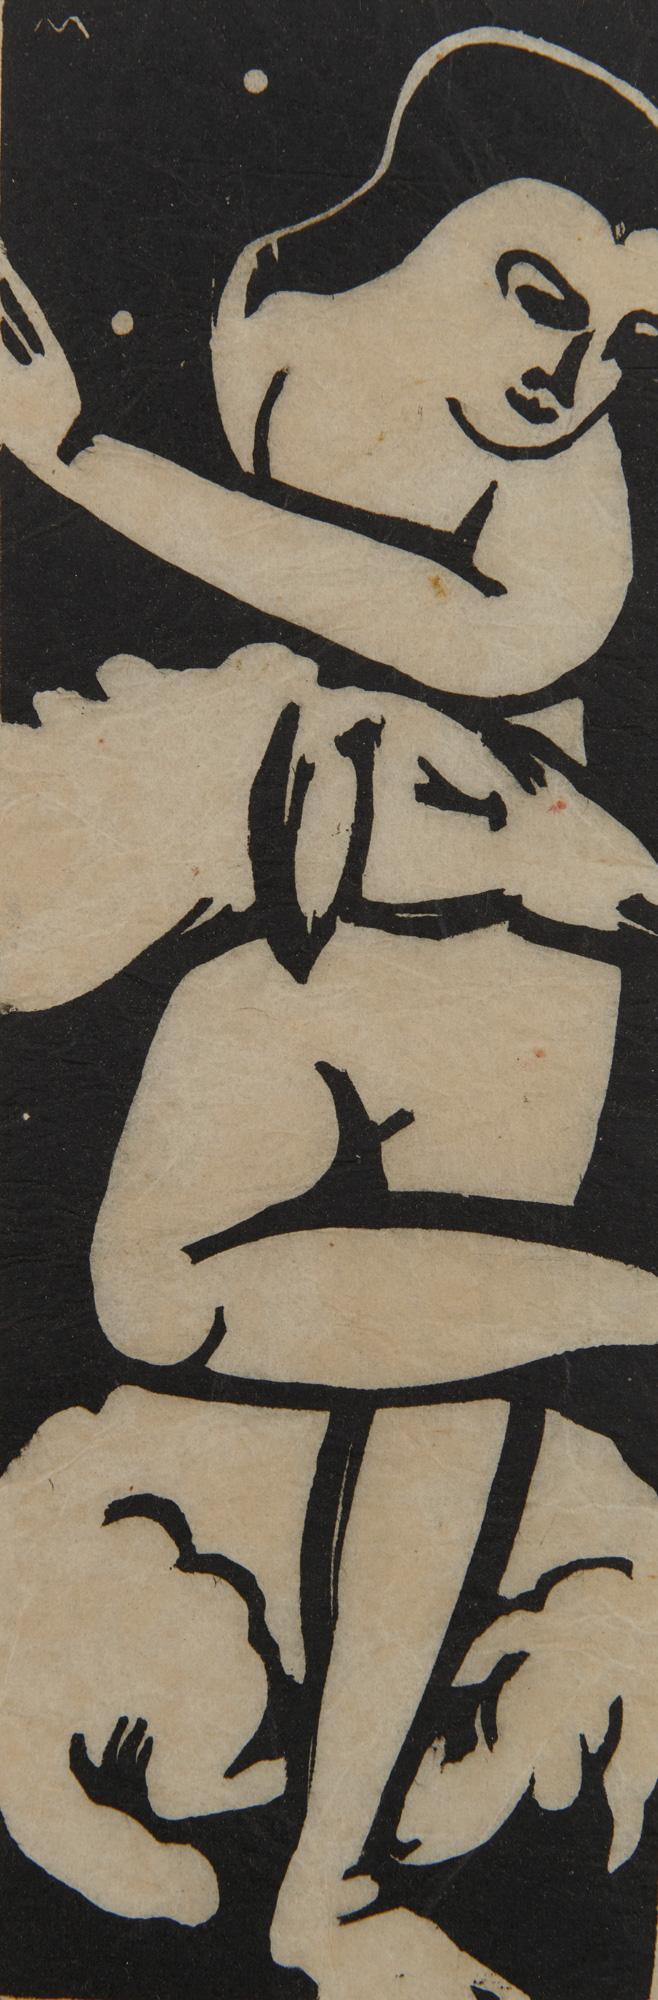 FRANZ MARC, (German, 1880-1916), Die Hirtin (Shepherdess), woodcut, 8 5/8 x 2 7/8 in.